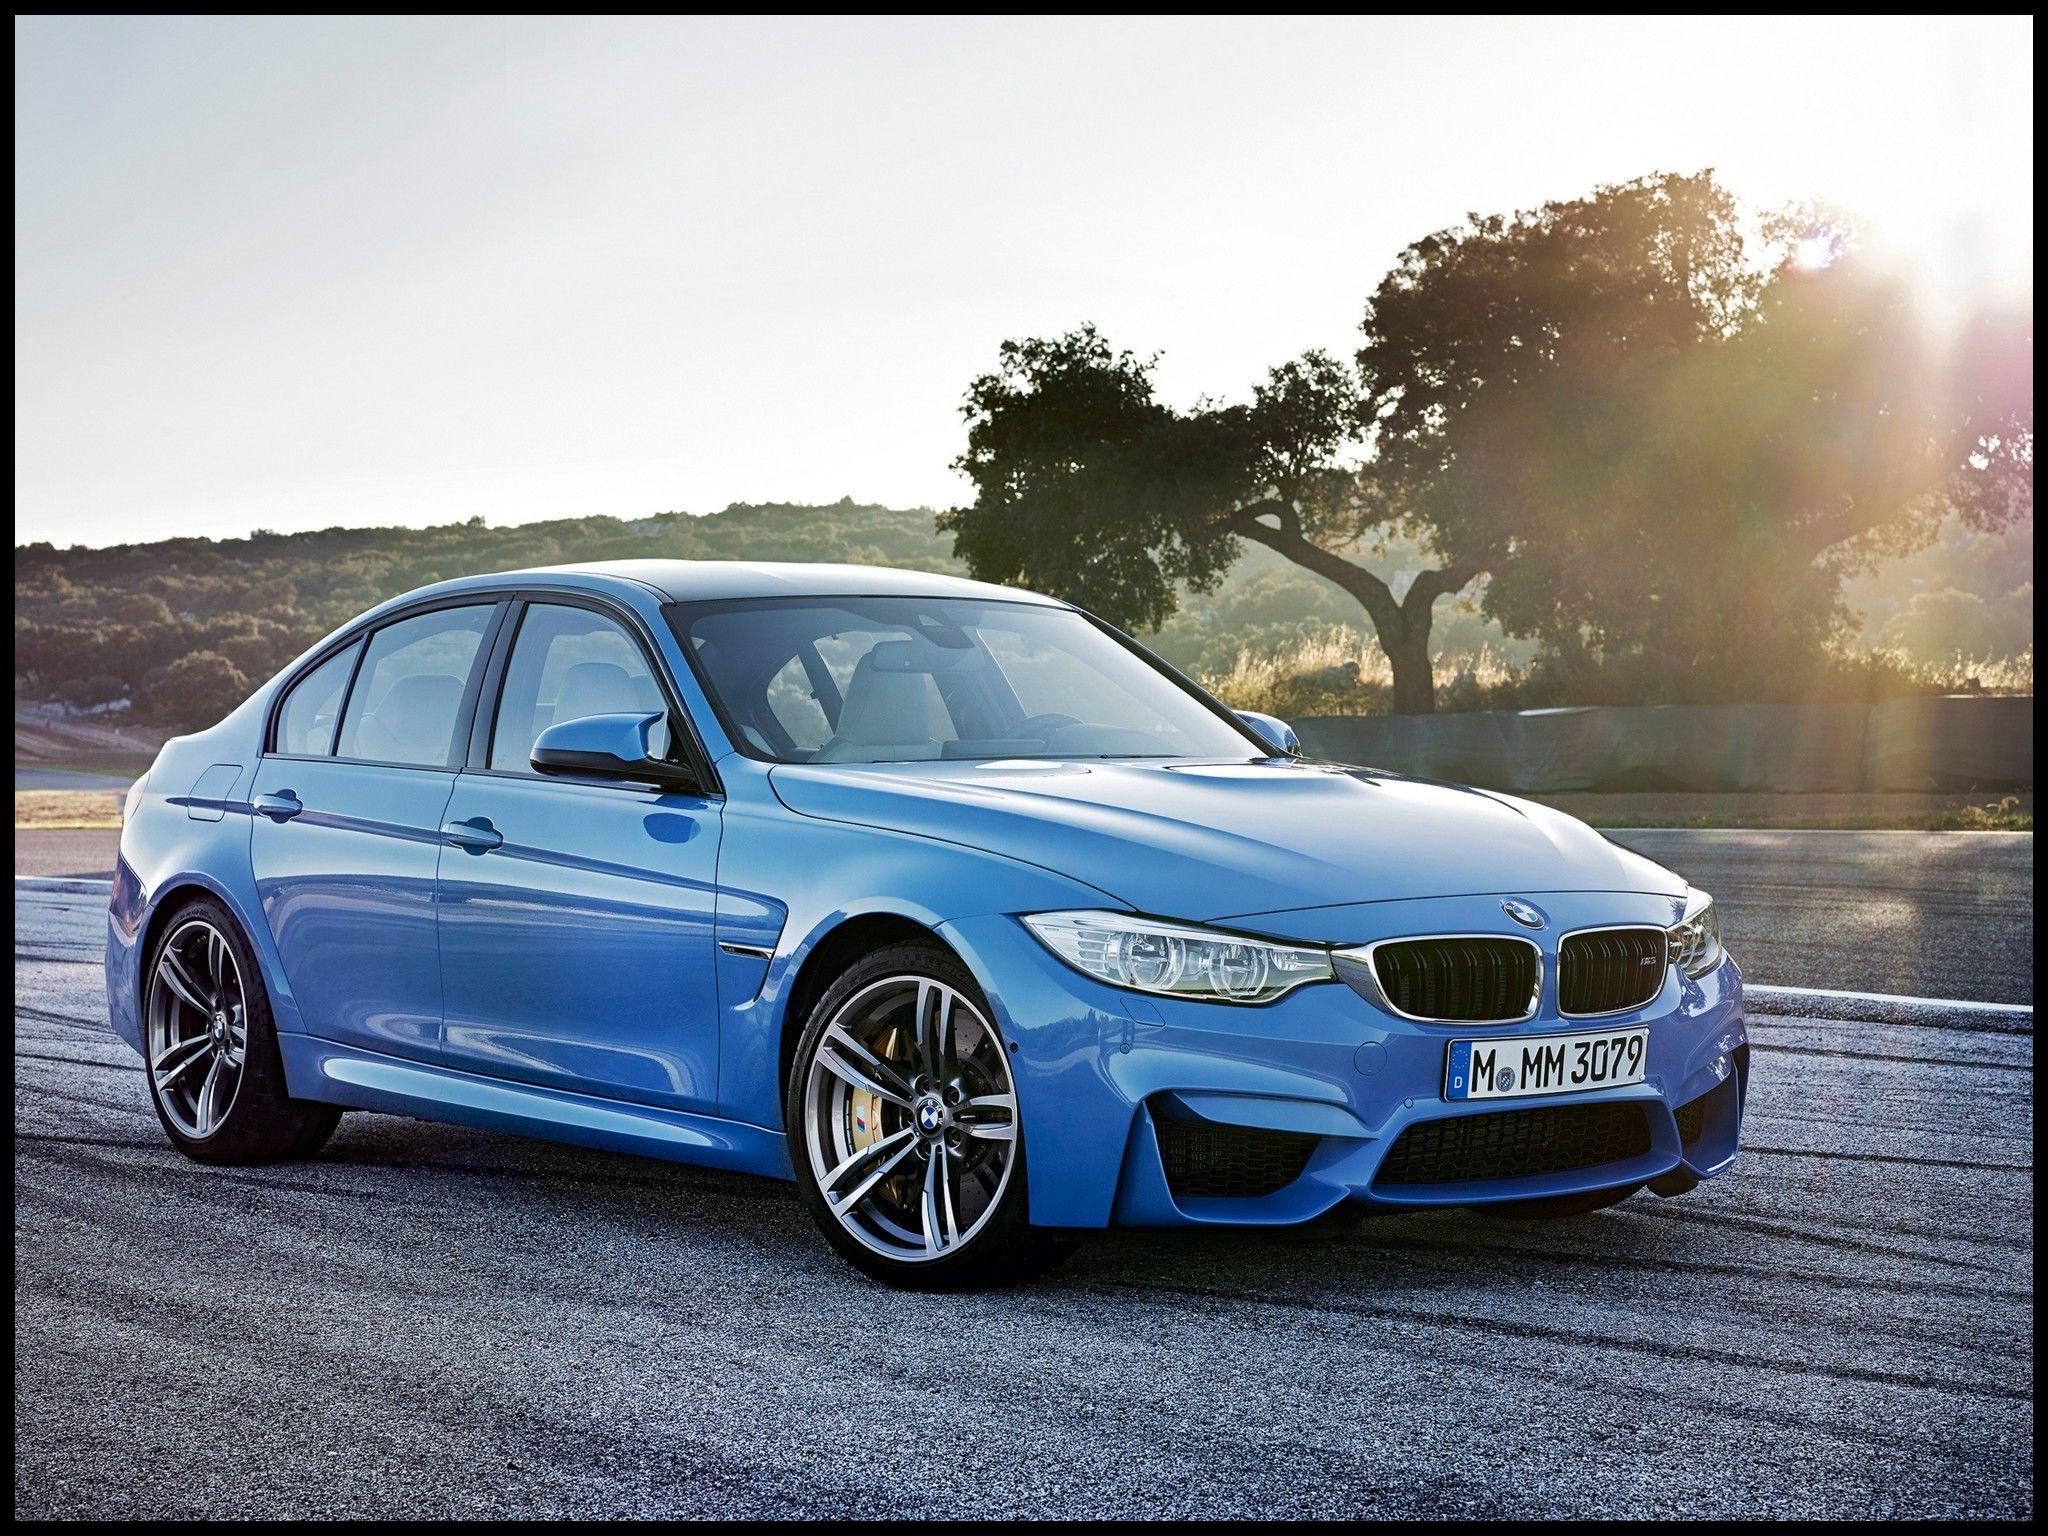 2014 BMW F30 M3 new dream car